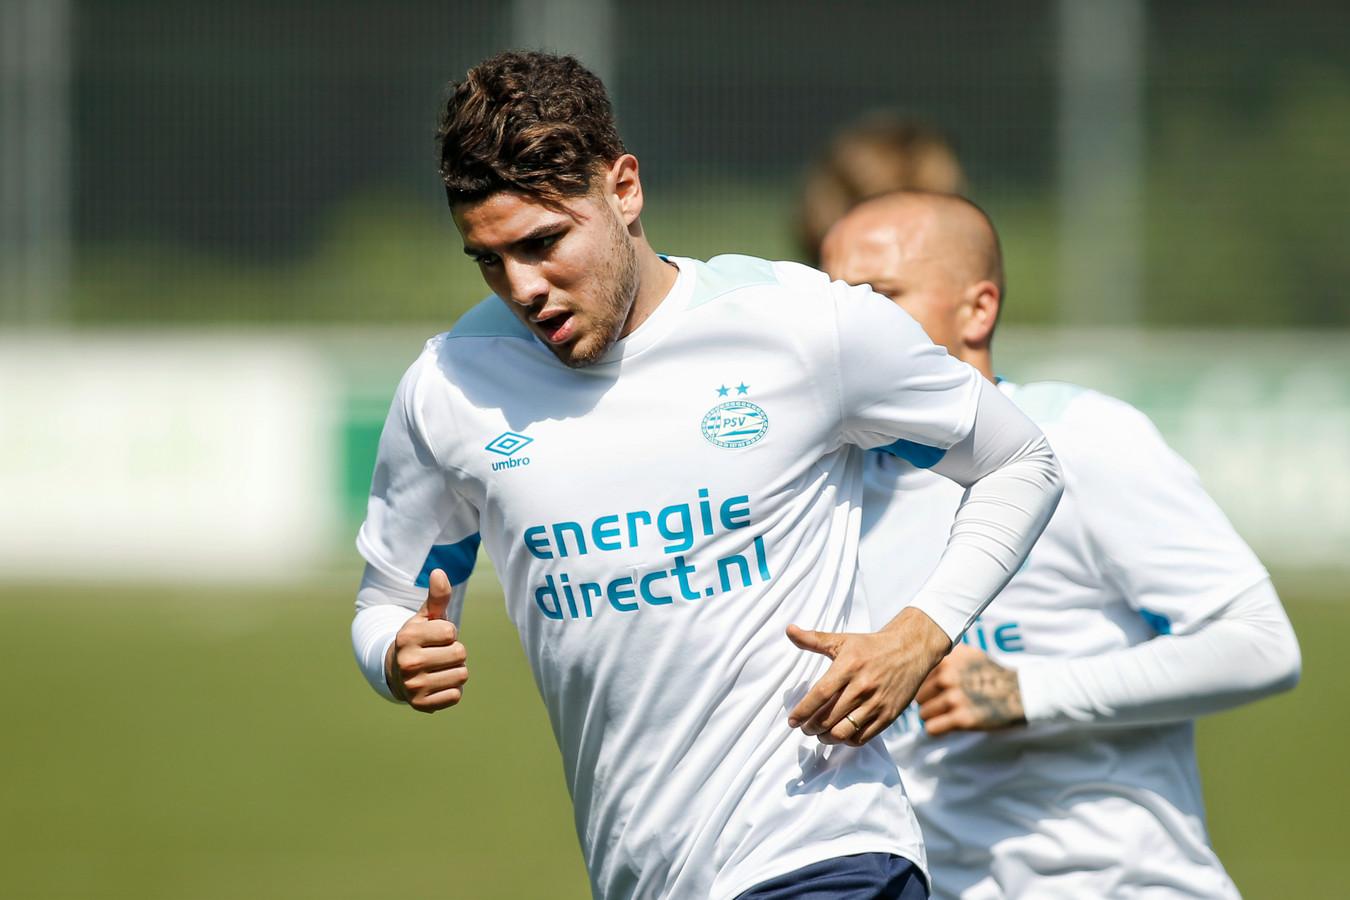 Maxi Romero tijdens de eerste training van PSV. Angeliño volgt hem.